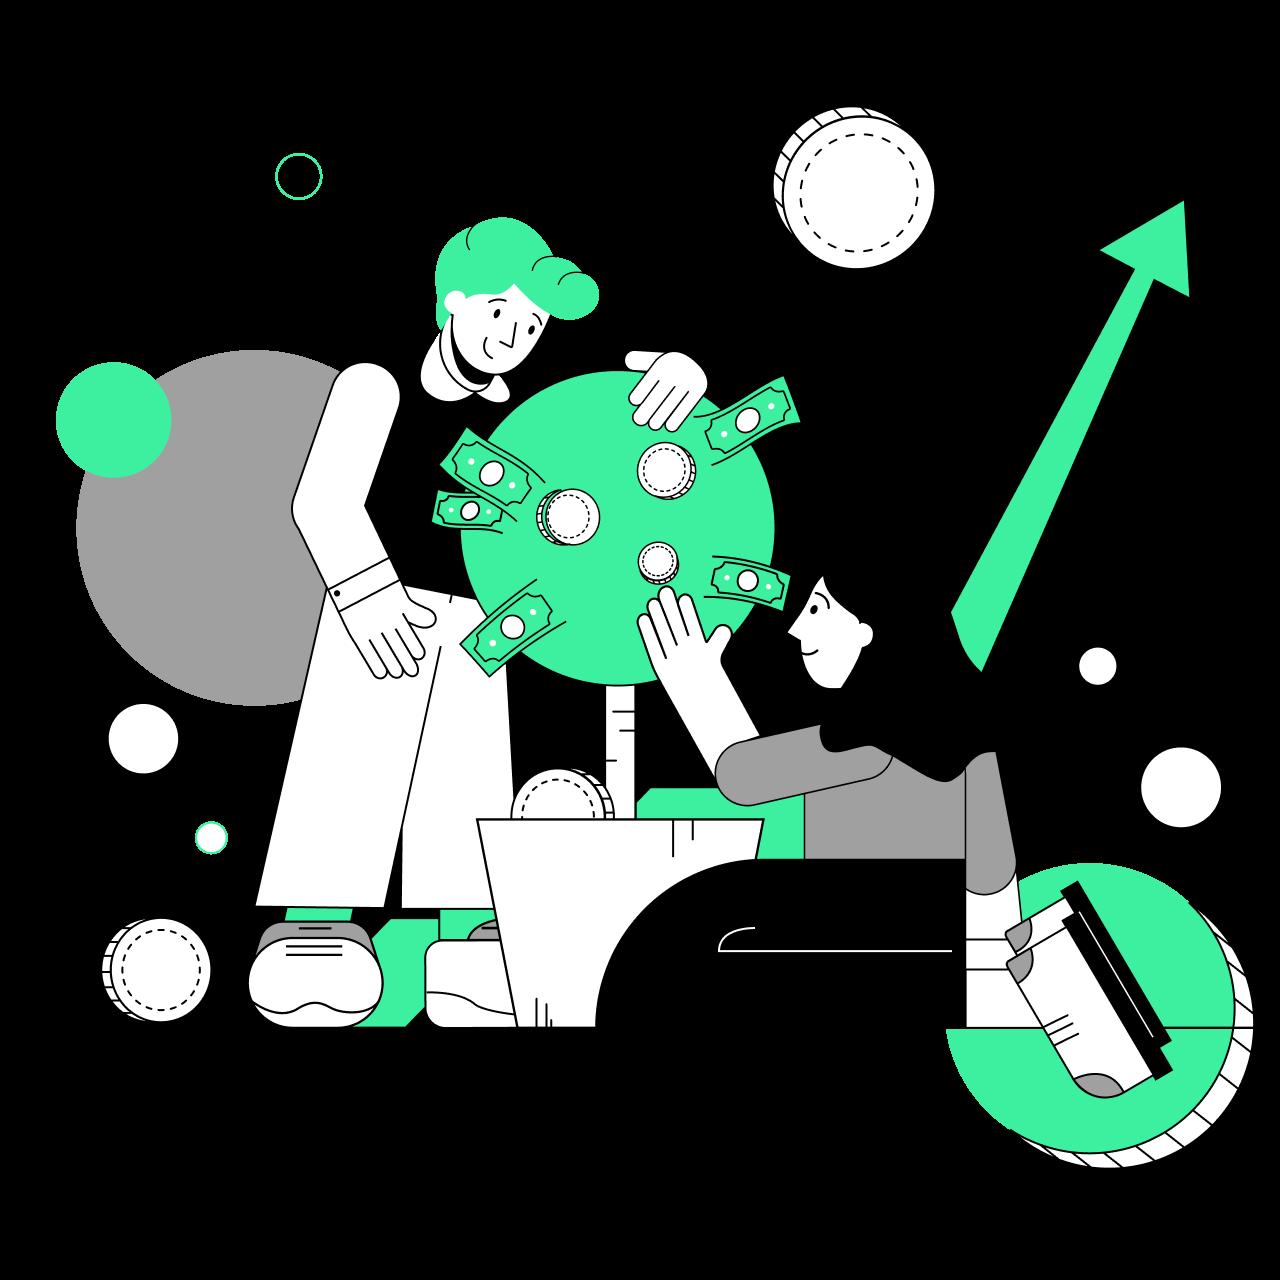 Обложка набора иллюстраций Marker на тему маркетинга, социальных медиа и рекламы